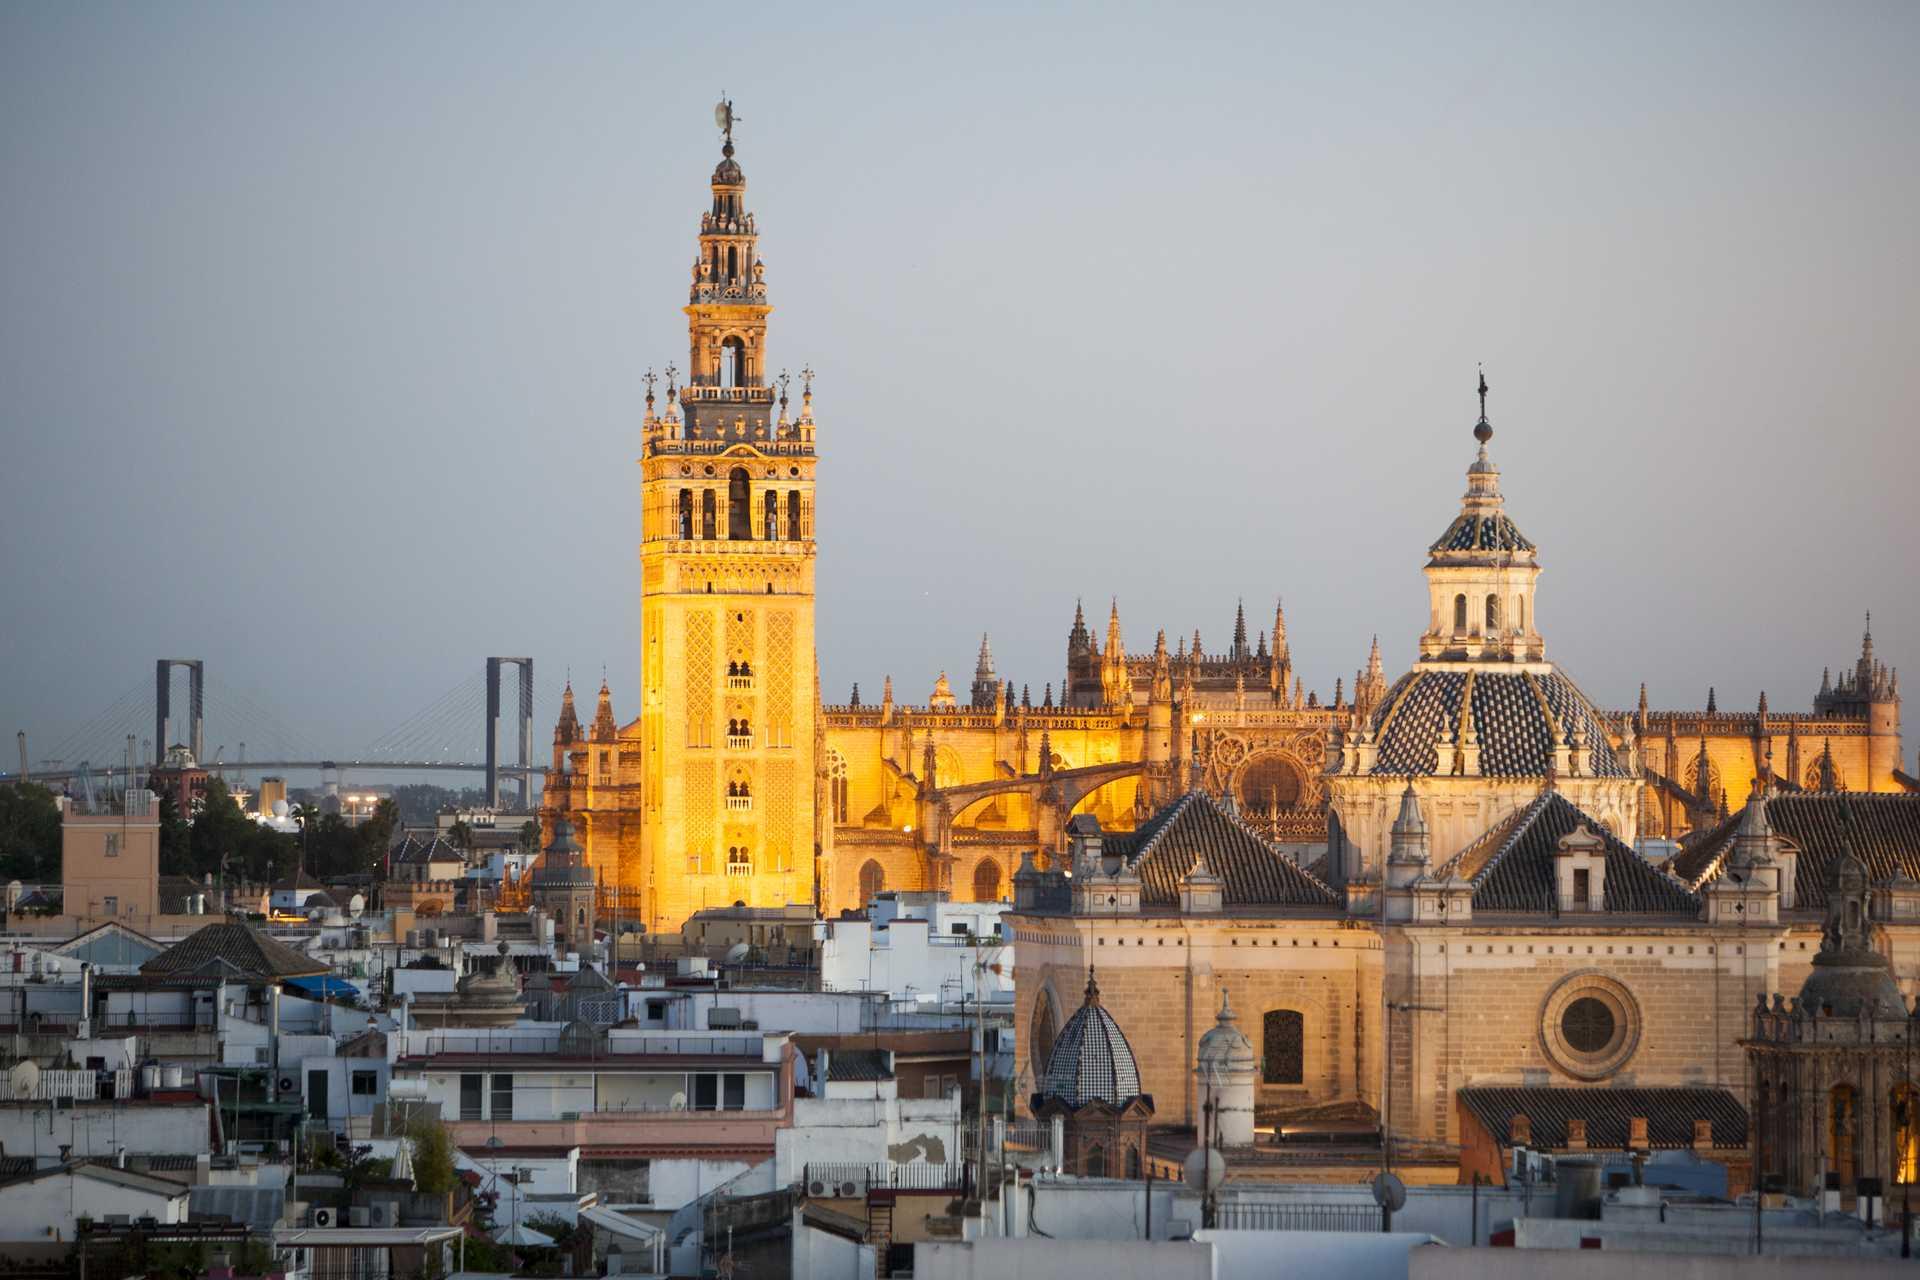 Diseño web en Sevilla para Profesionales y PYMEs. Si eres autonomo o empresa Beonlinesoluciones es tu Agencia de Diseño Web